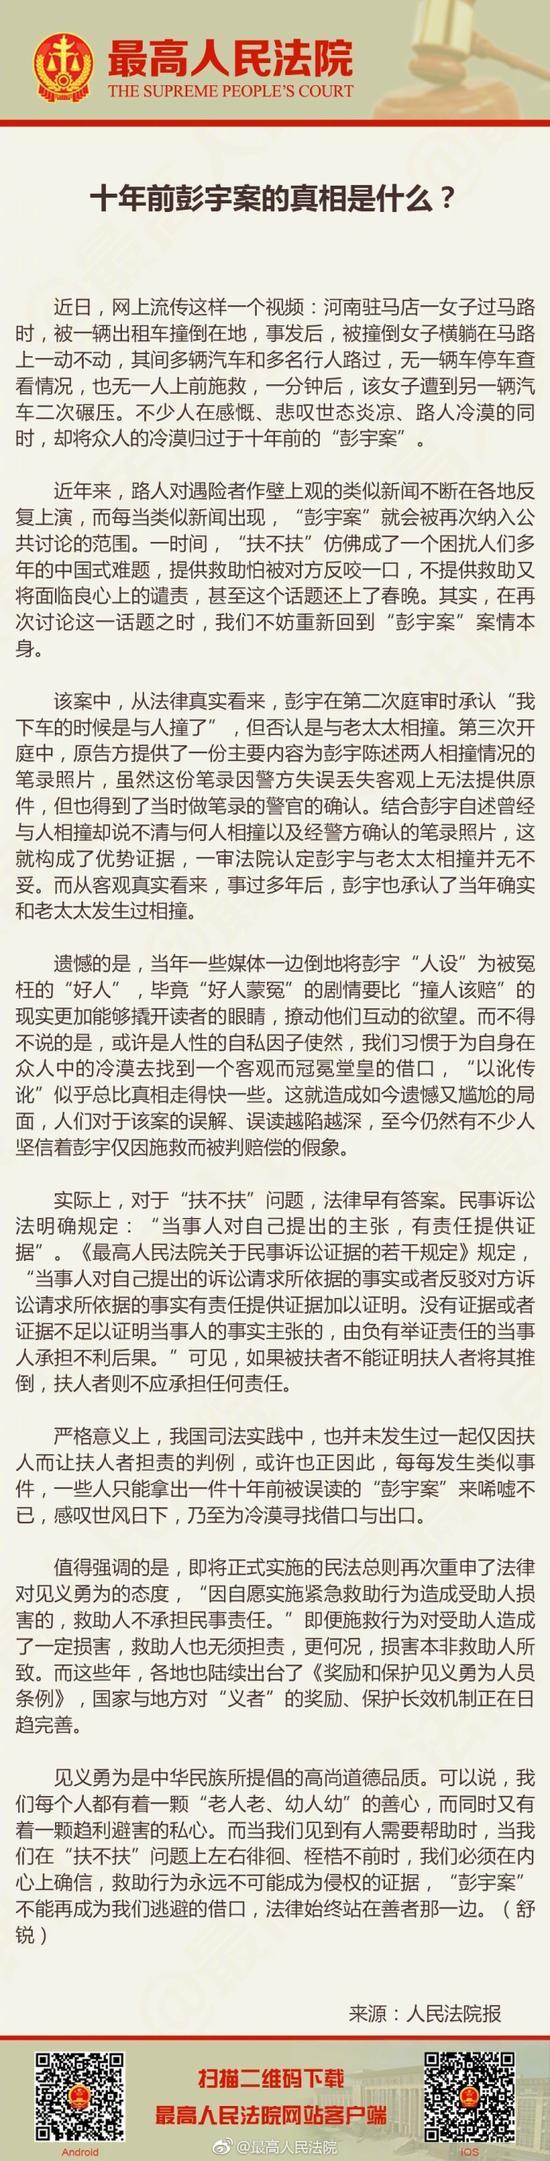 网络北京赛车*屏蔽的关键字*网站